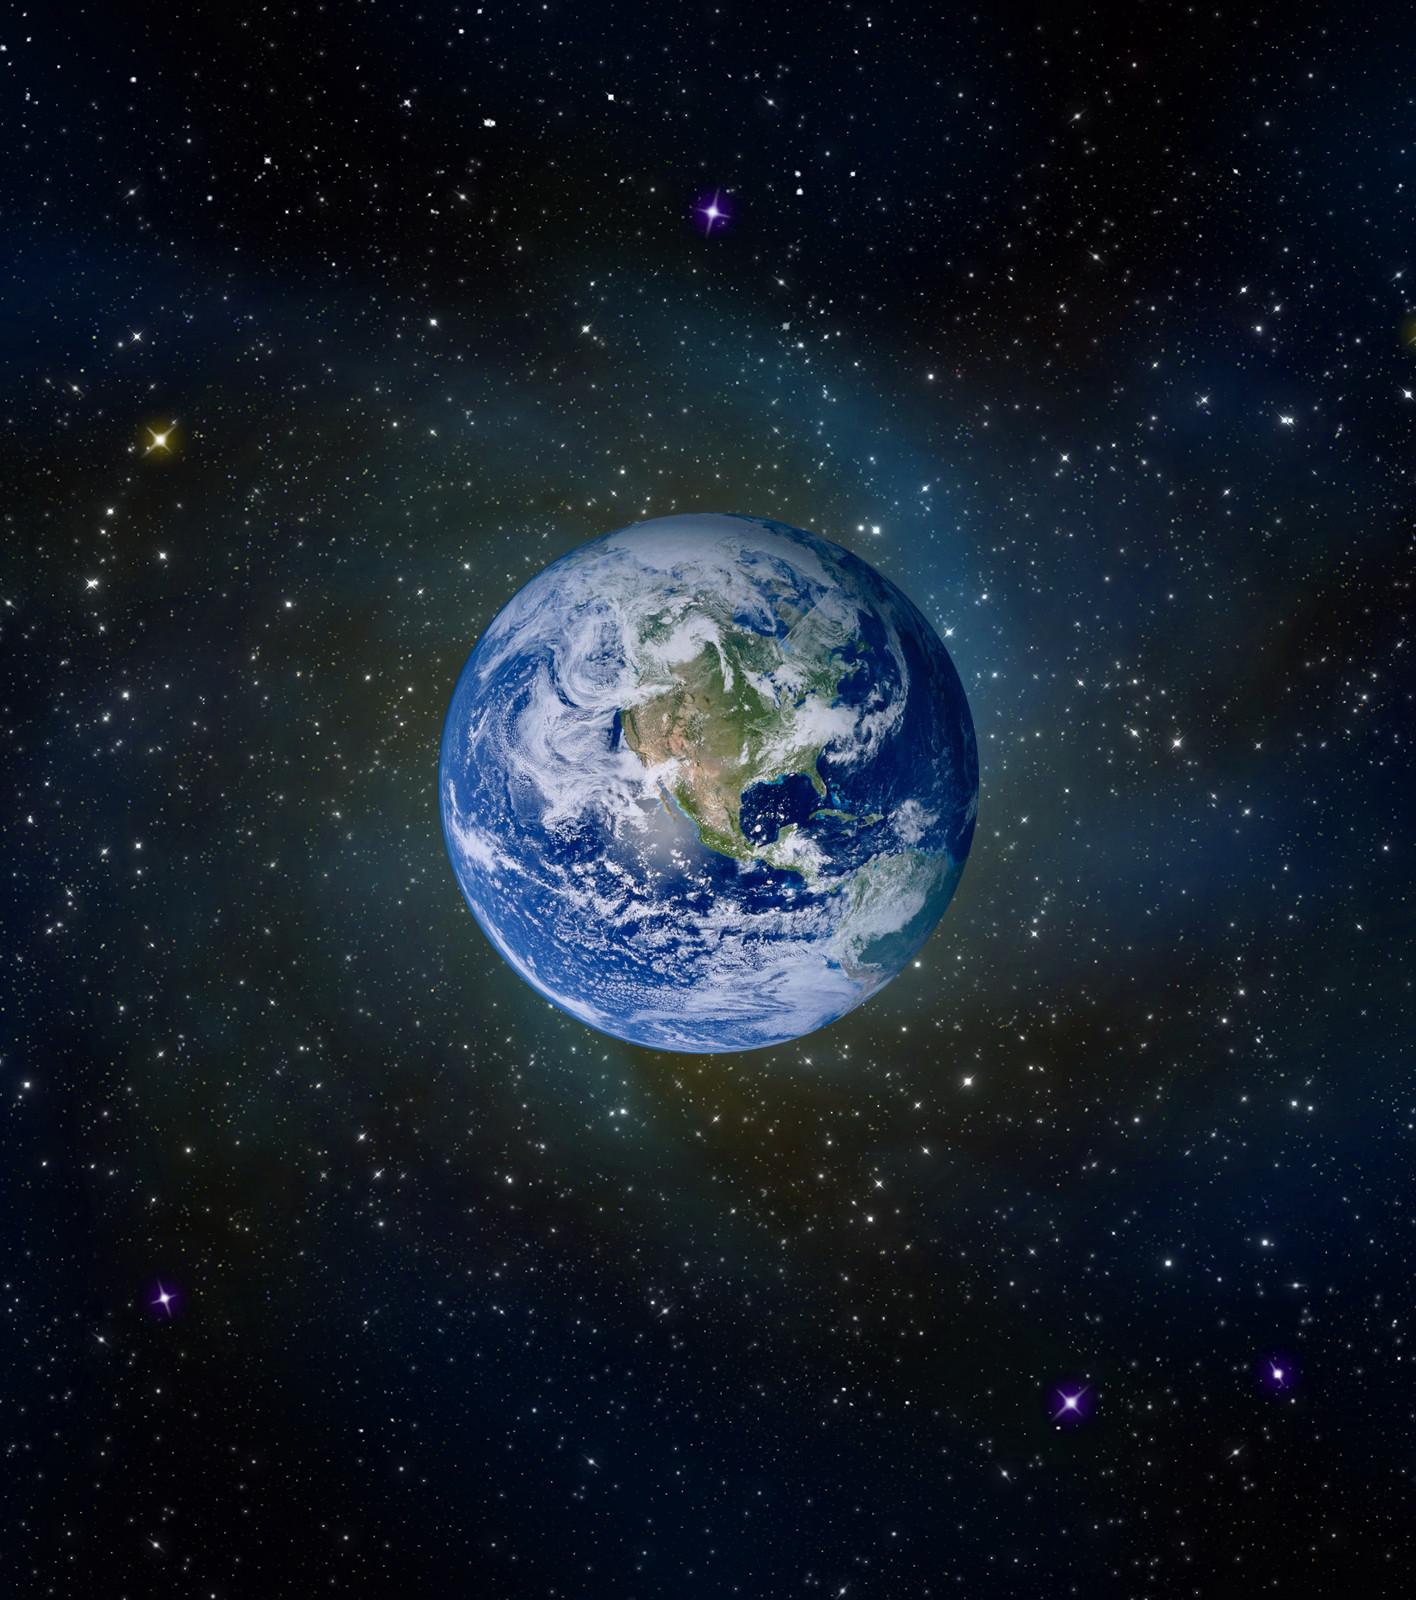 notre-bonne-vieille-planete-terre-vue-de-l-espace_159527_wide.jpg